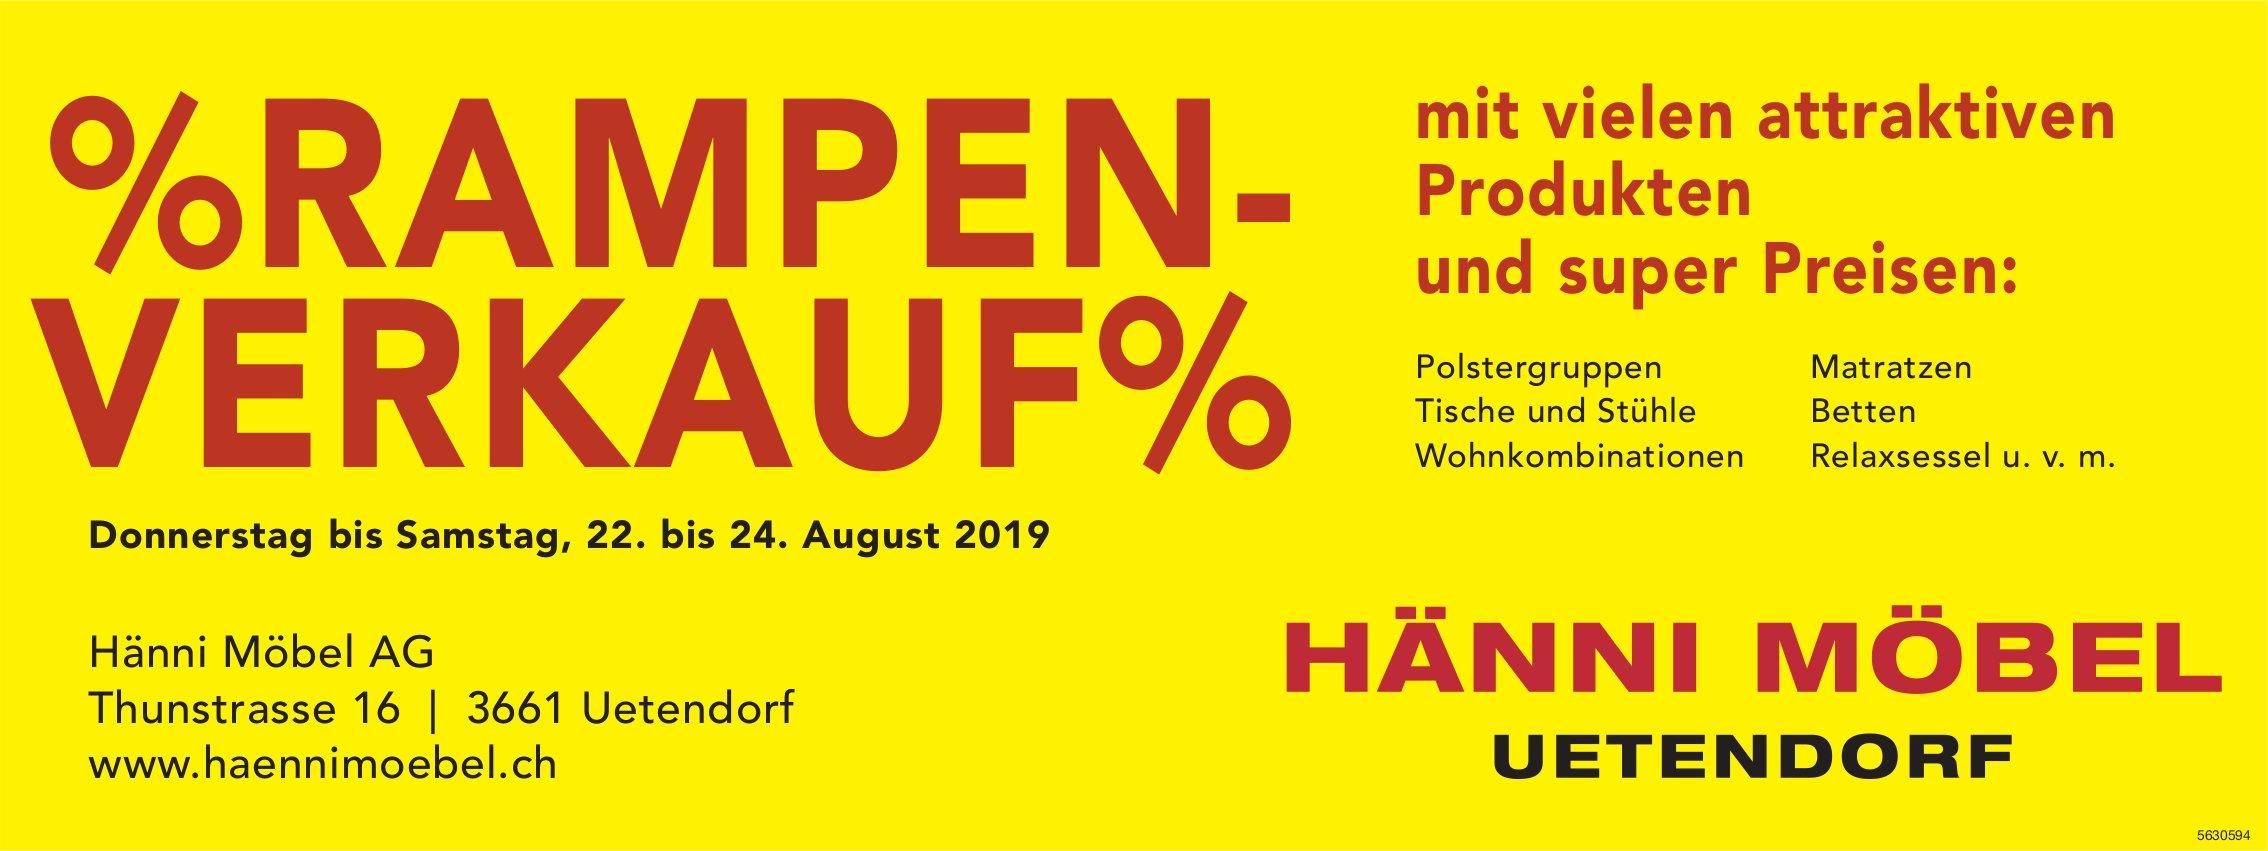 HÄNNI MÖBEL AG, Uetendorf - Rampenverkauf, 22. - 24. August